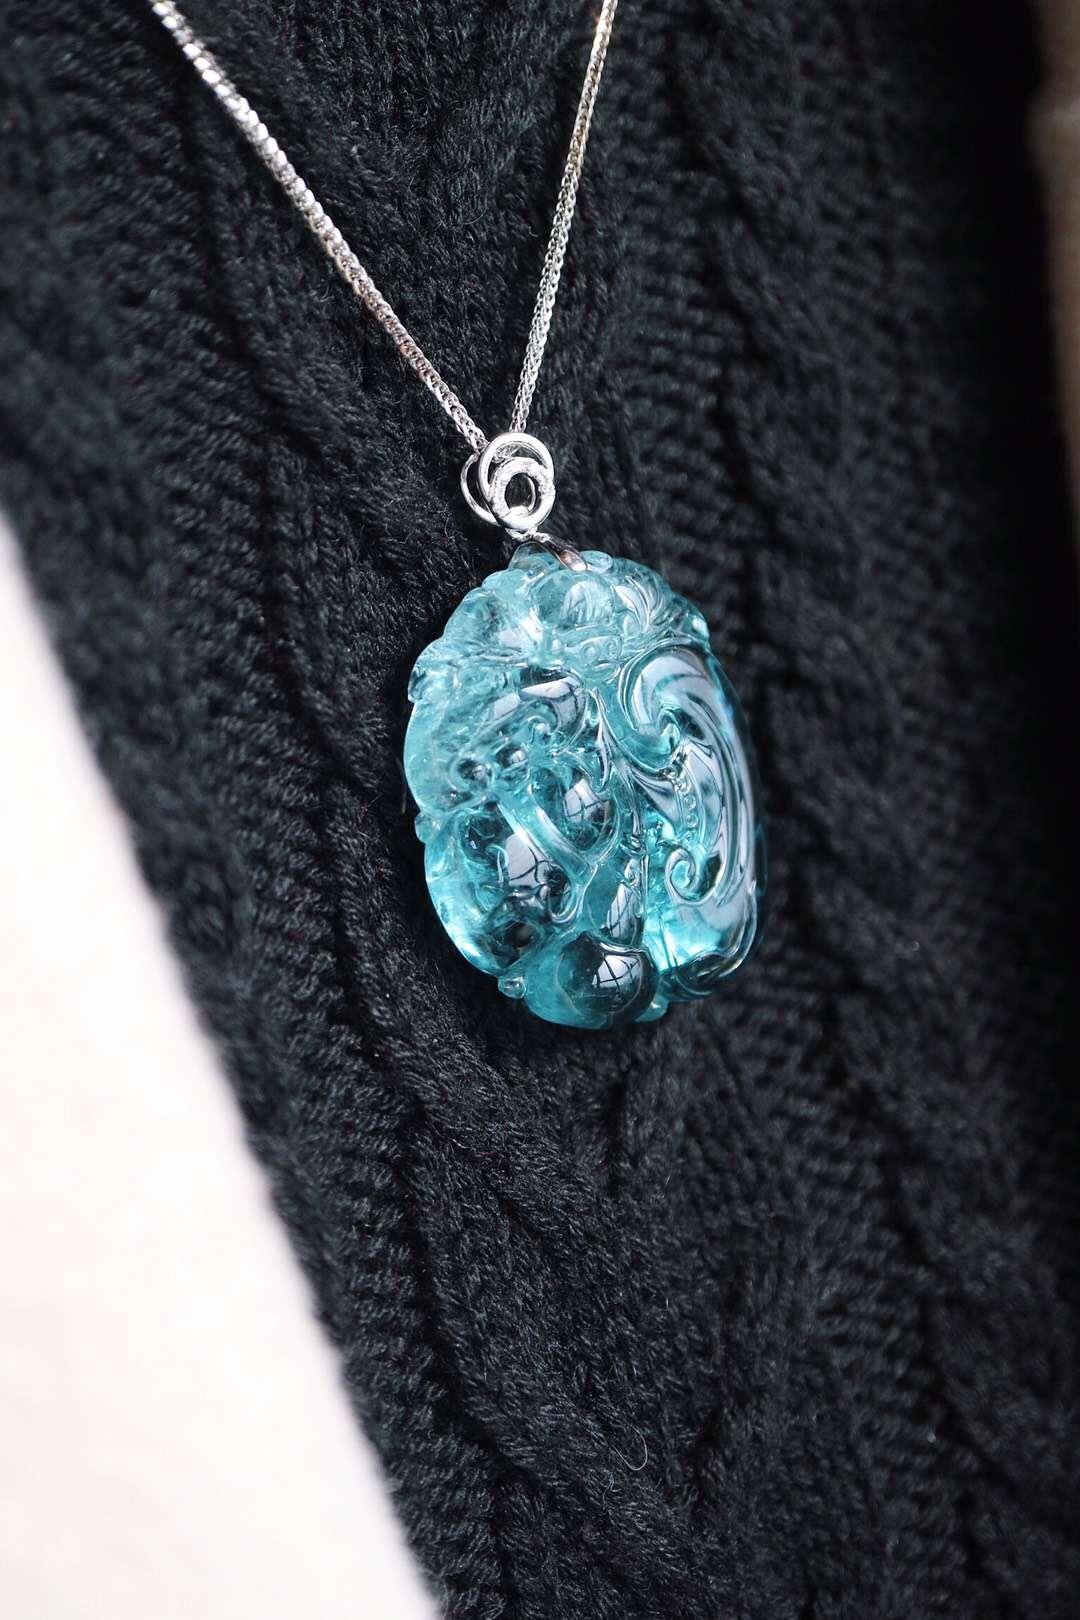 【菩心-蓝碧玺】在碧玺界名声鼎沸的蓝碧玺,雕刻万事如意、福在眼前。-菩心晶舍